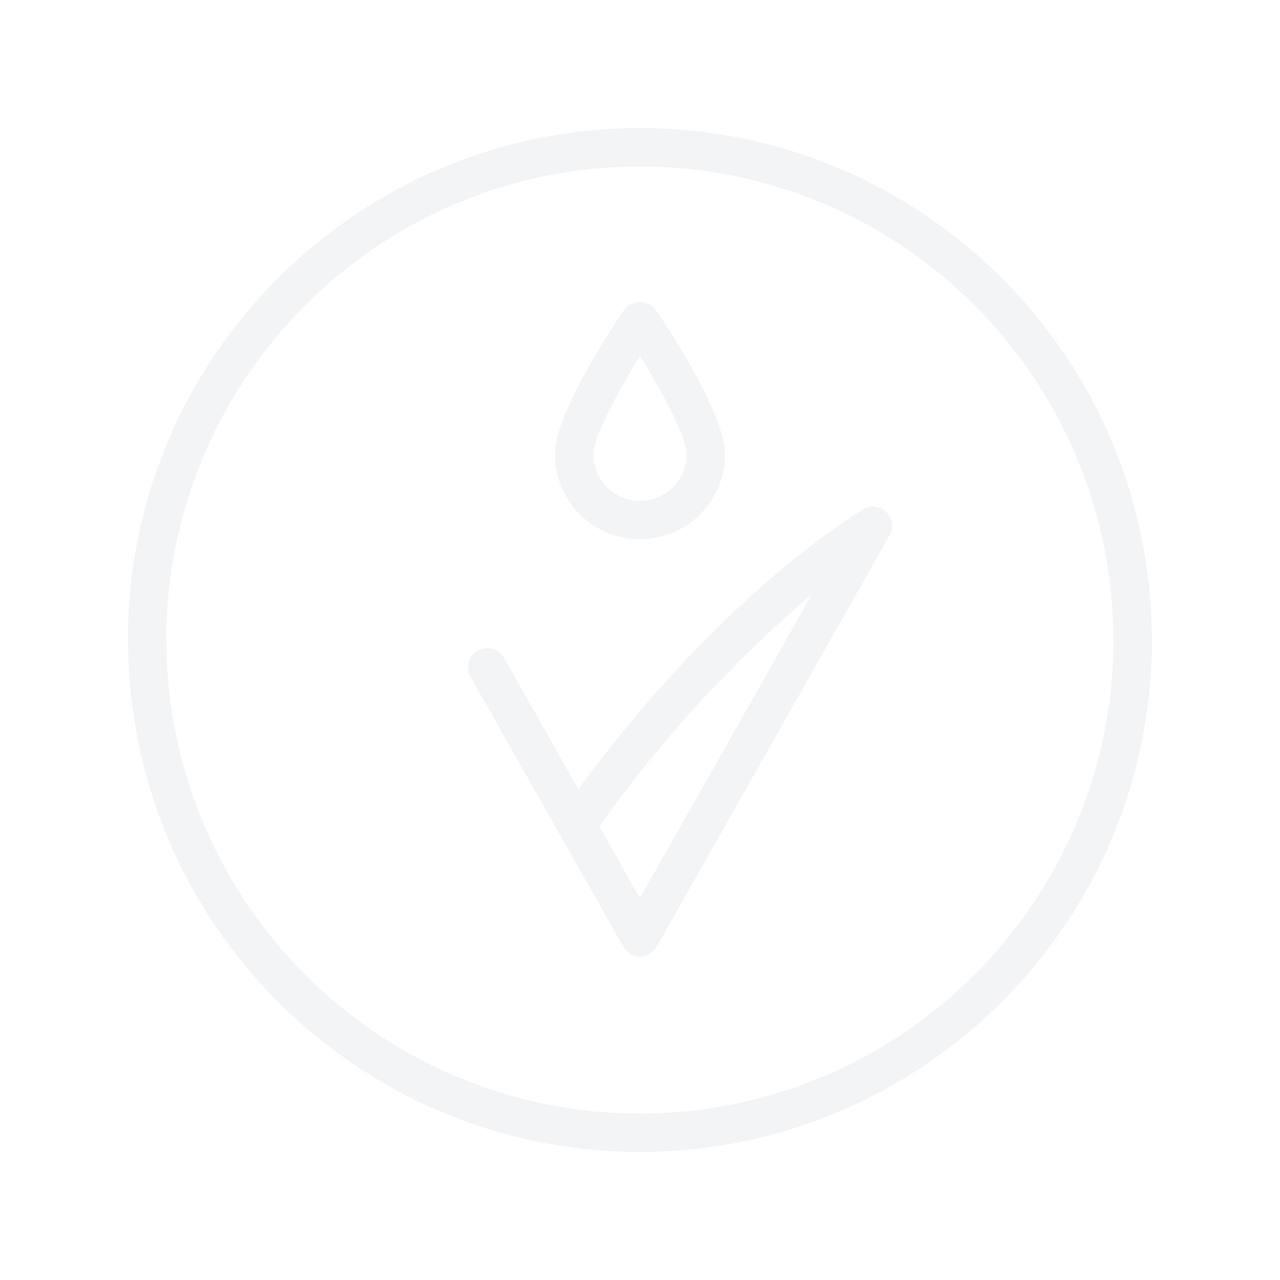 E.L.F. Baked Highlighter & Blush Rose Gold 5.2g